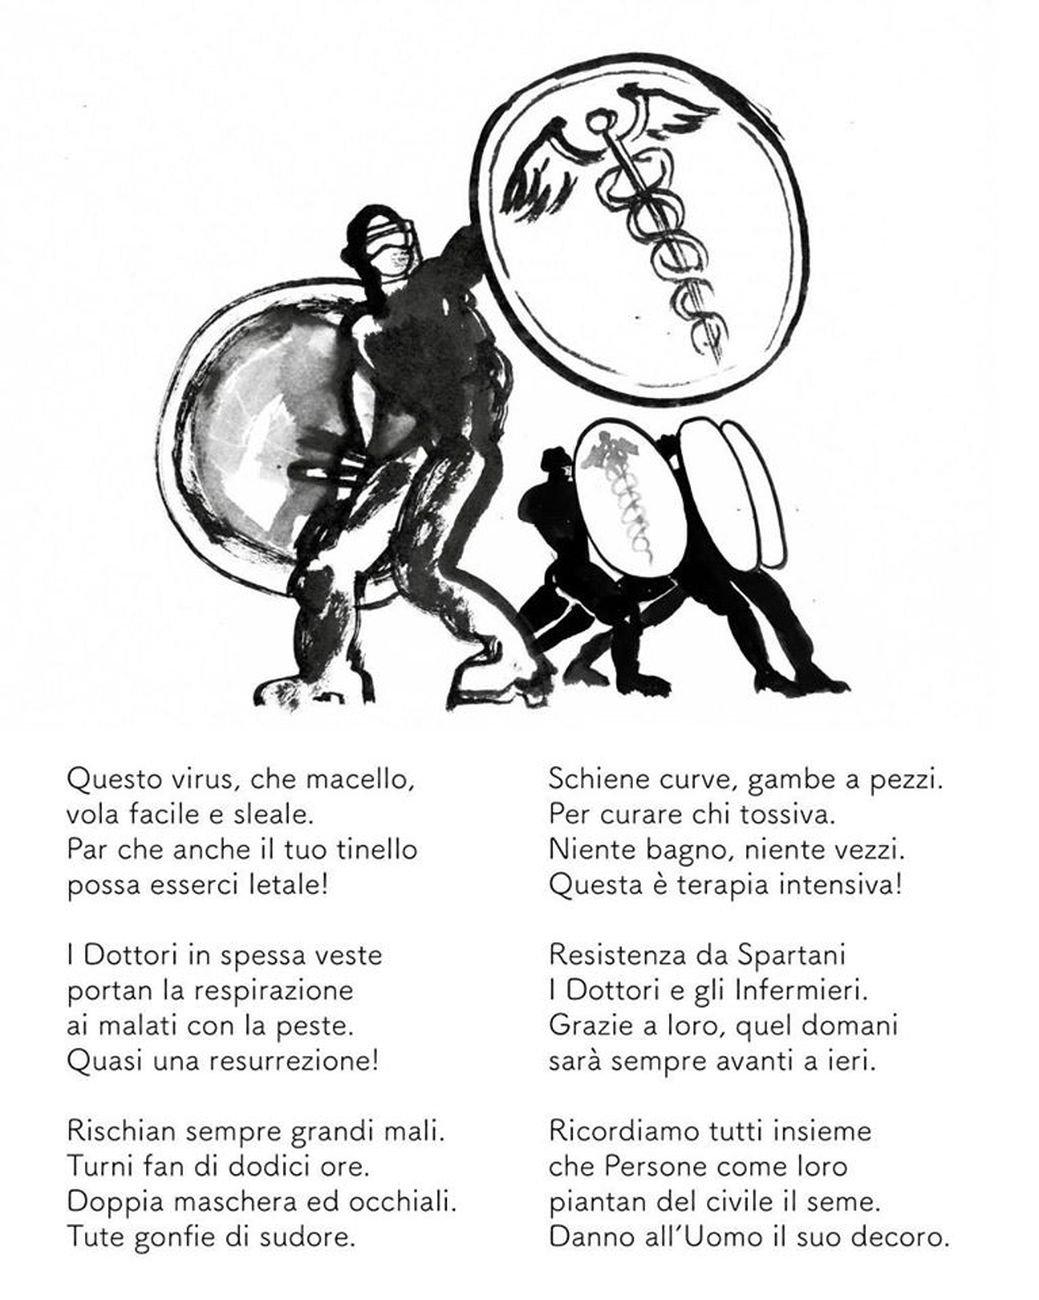 Filastrocche della Peste, 2020. CourtesyDaniele Catalli - Lucio Villani